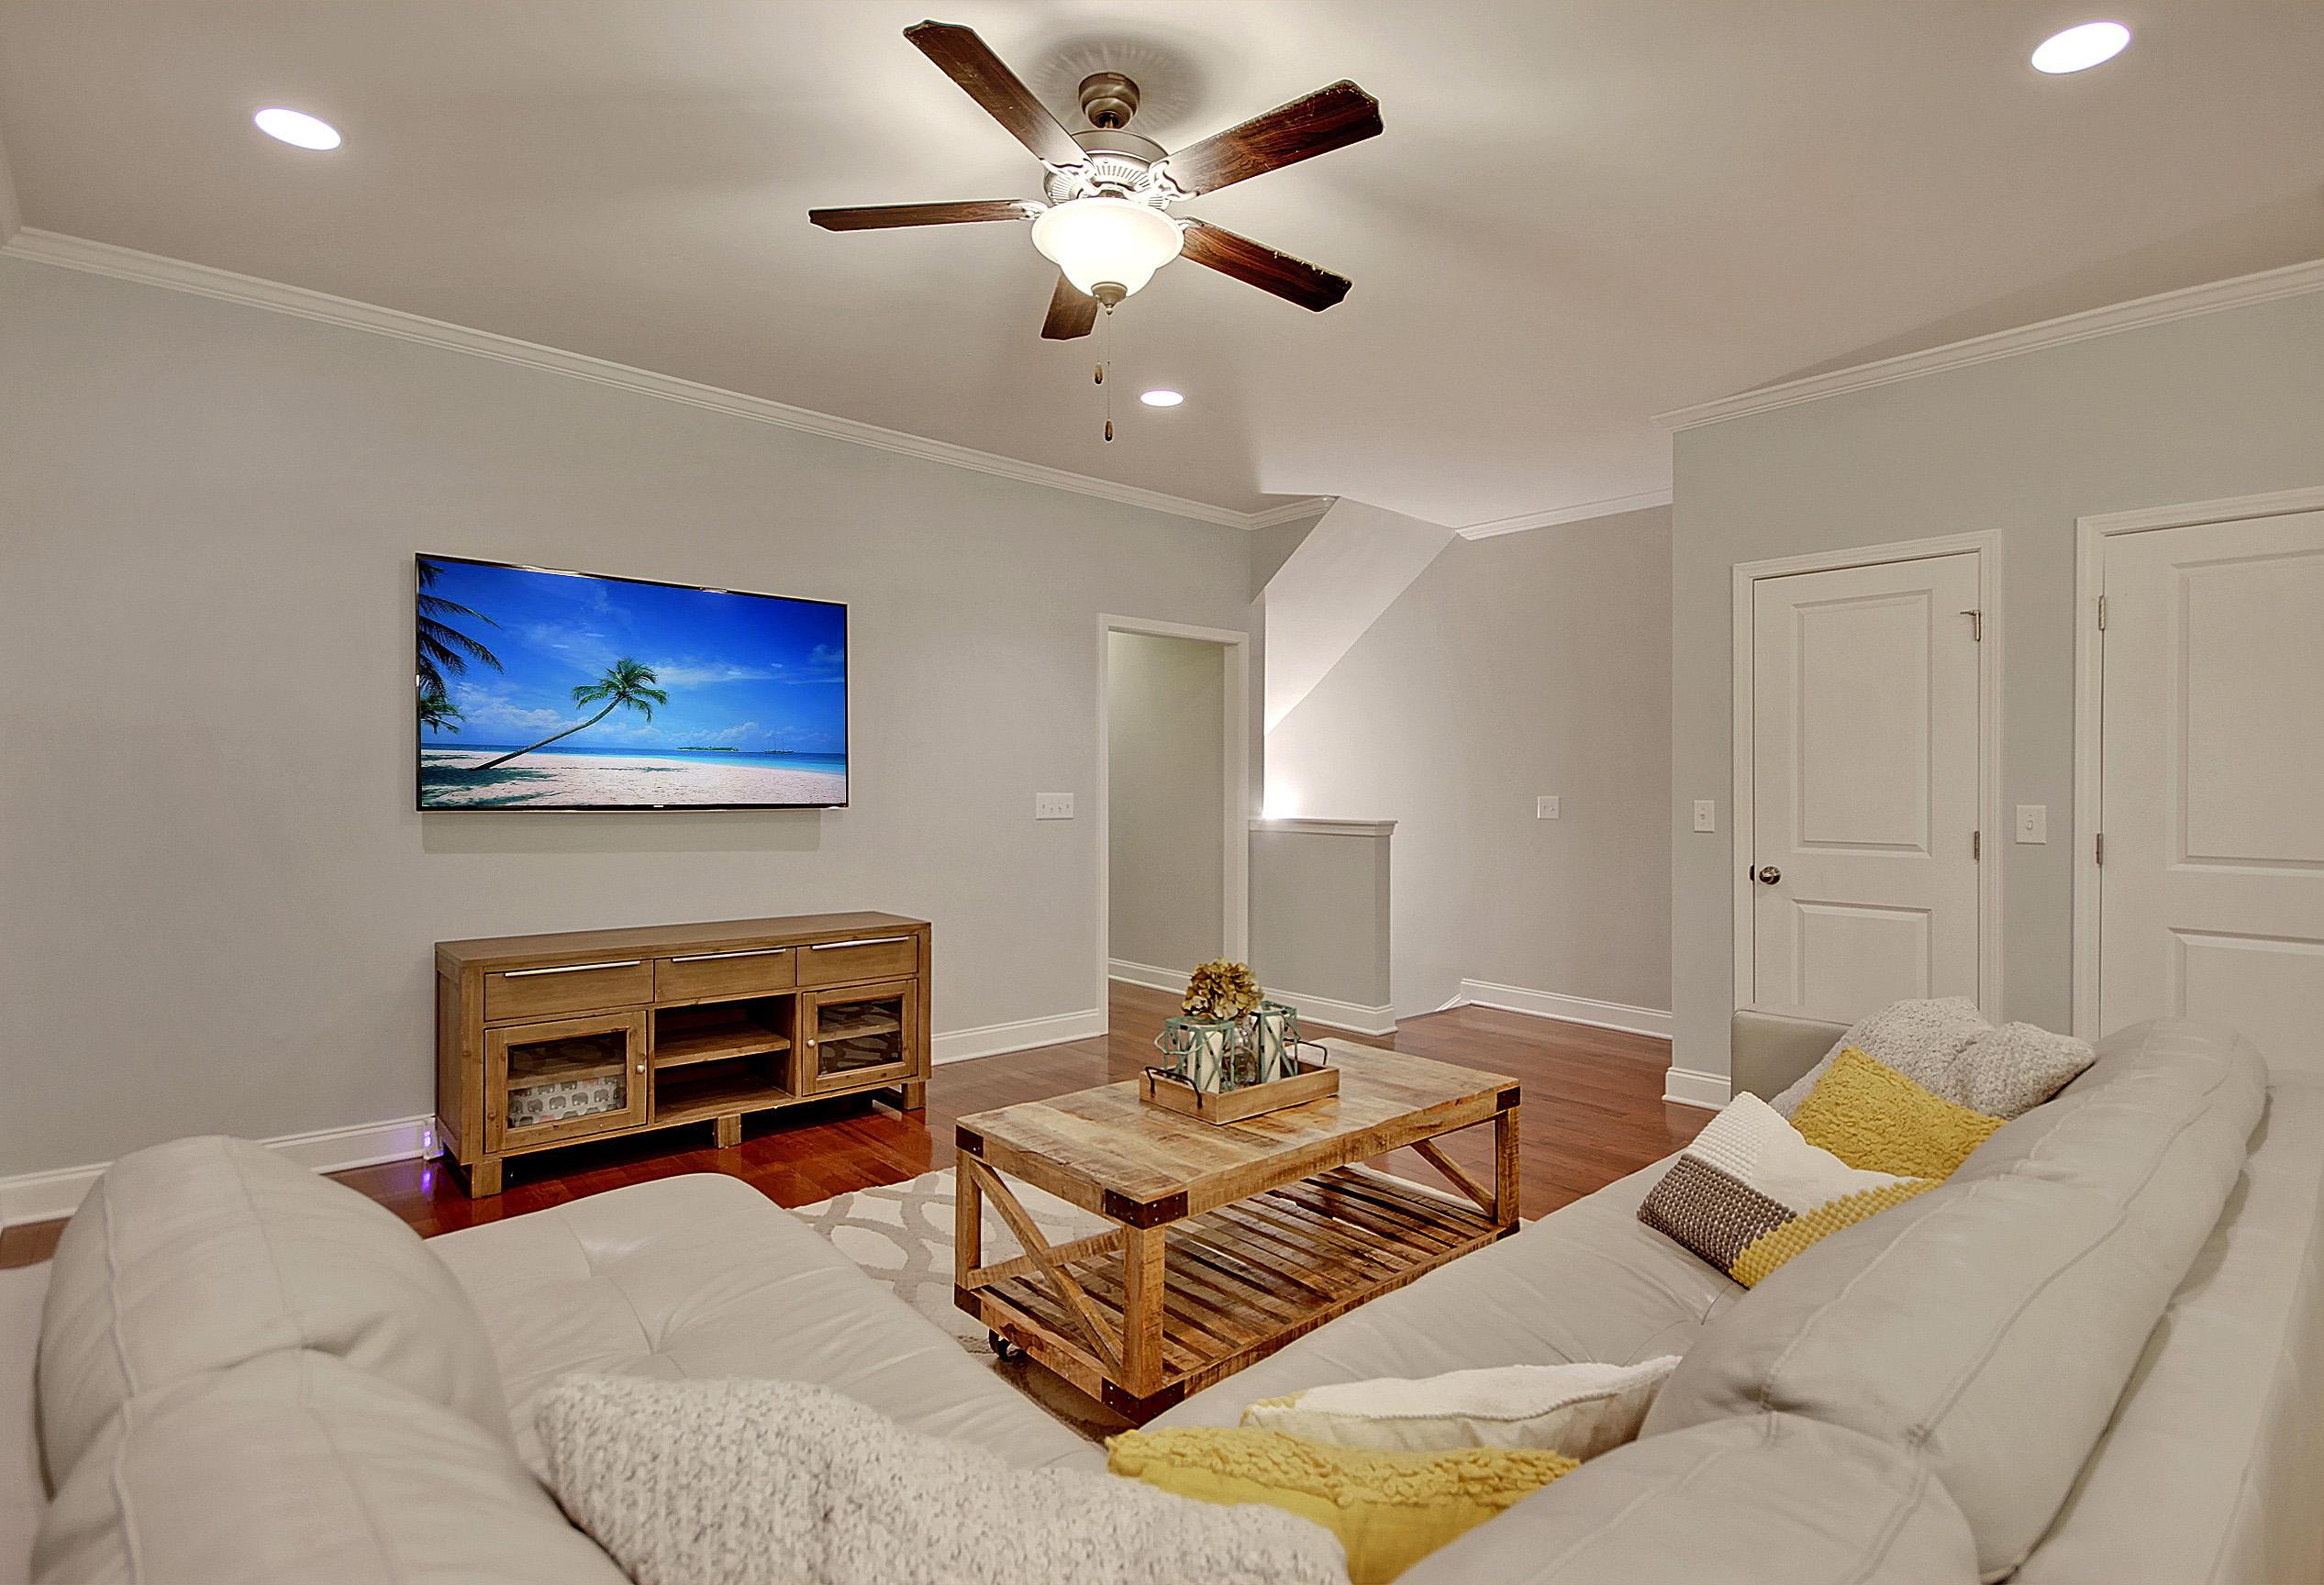 Royal Palms Homes For Sale - 1273 Dingle, Mount Pleasant, SC - 31